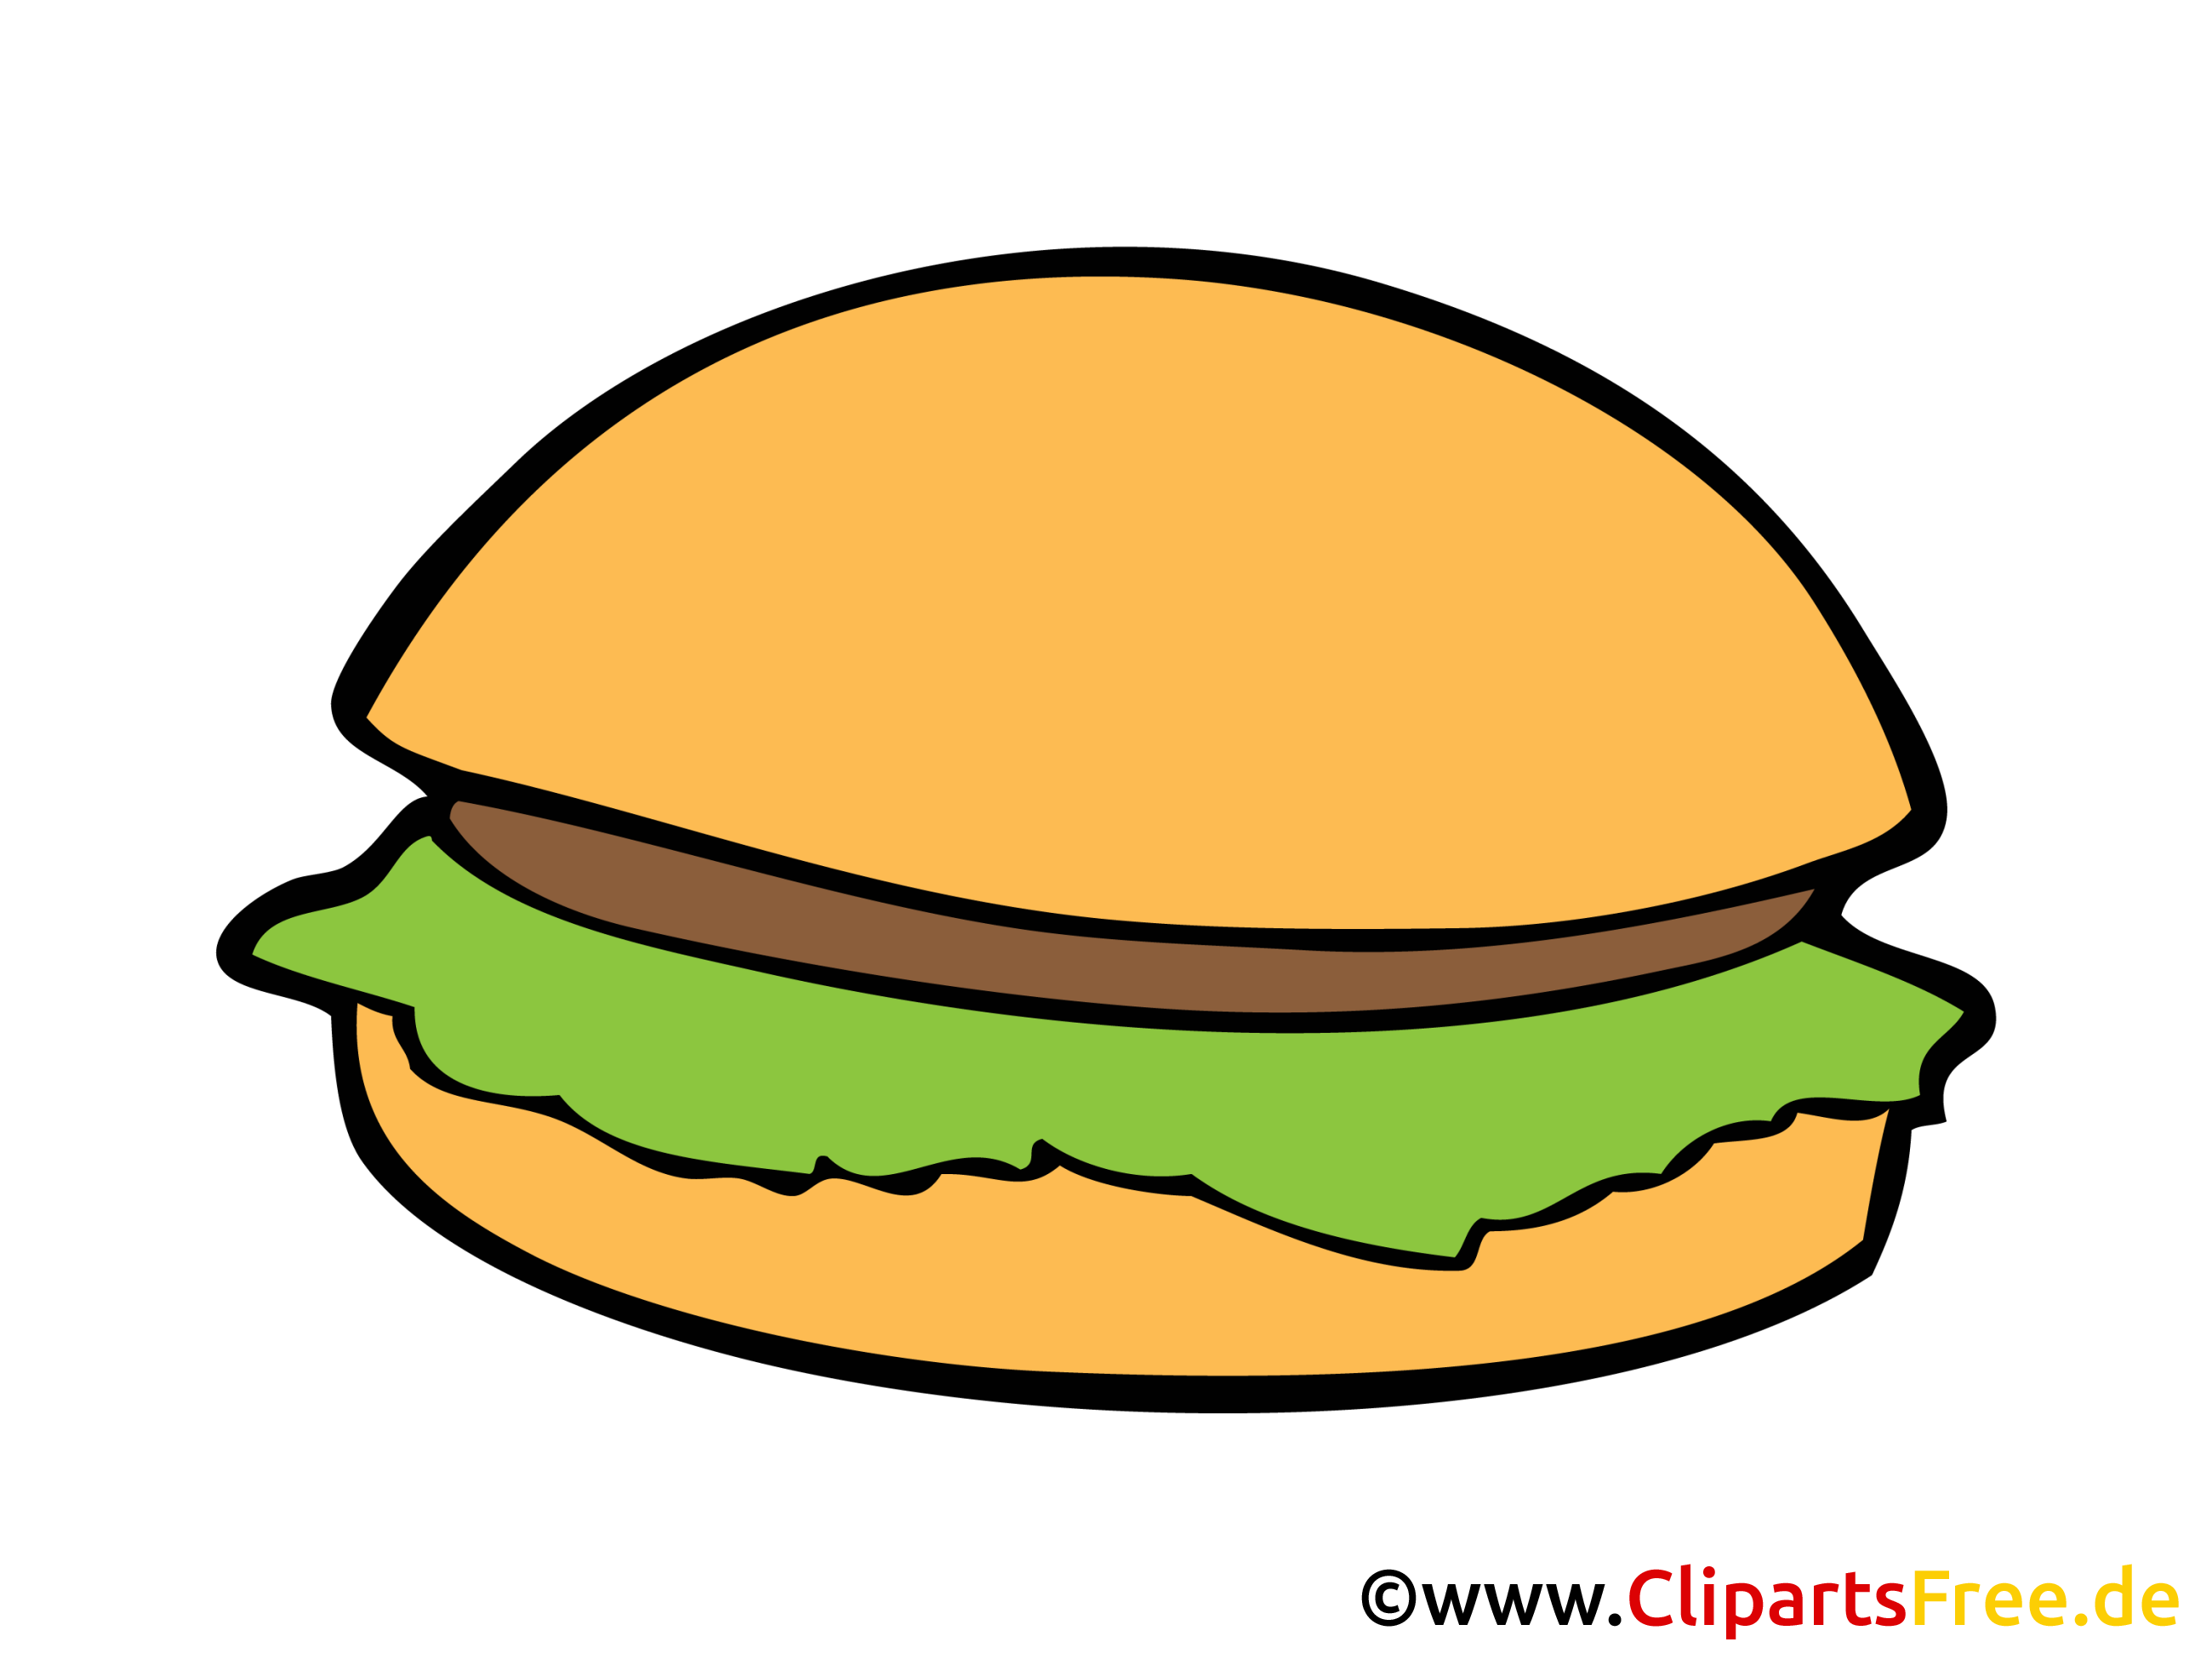 Hamburgers dessin - Nourriture cliparts à télécharger